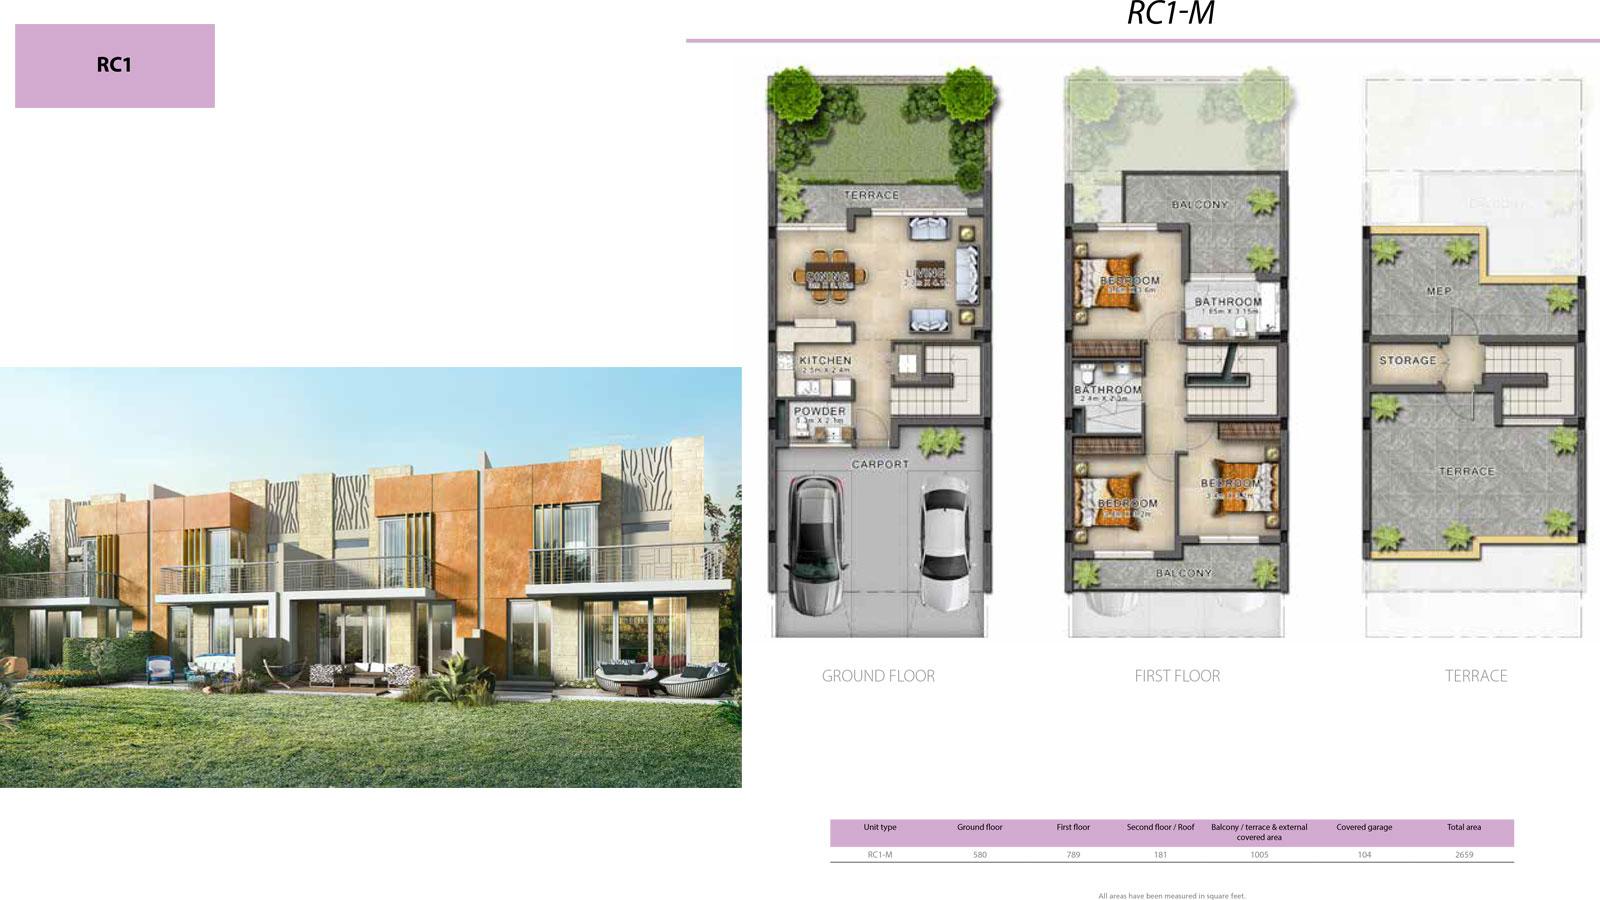 3 BR RC1      (RC1-M, 3 Bedroom Villa, Size 2699 sq ft)